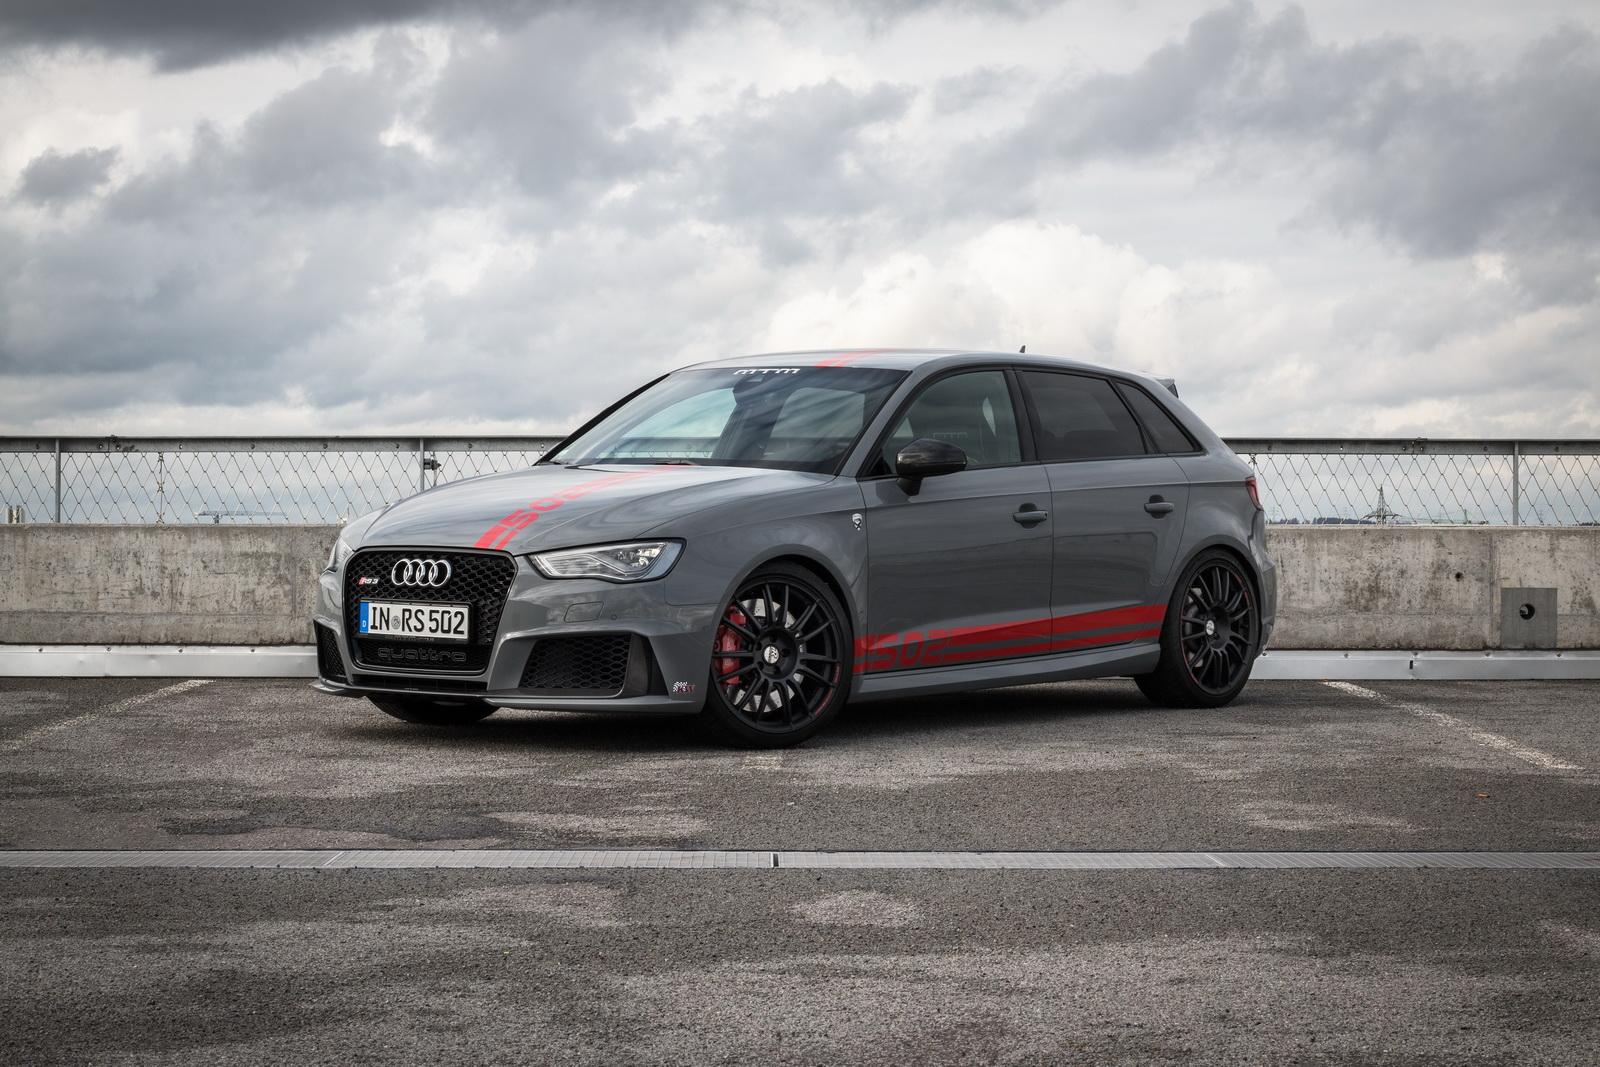 2016 MTM Audi RS3 Sportback Dark Cars Wallpapers